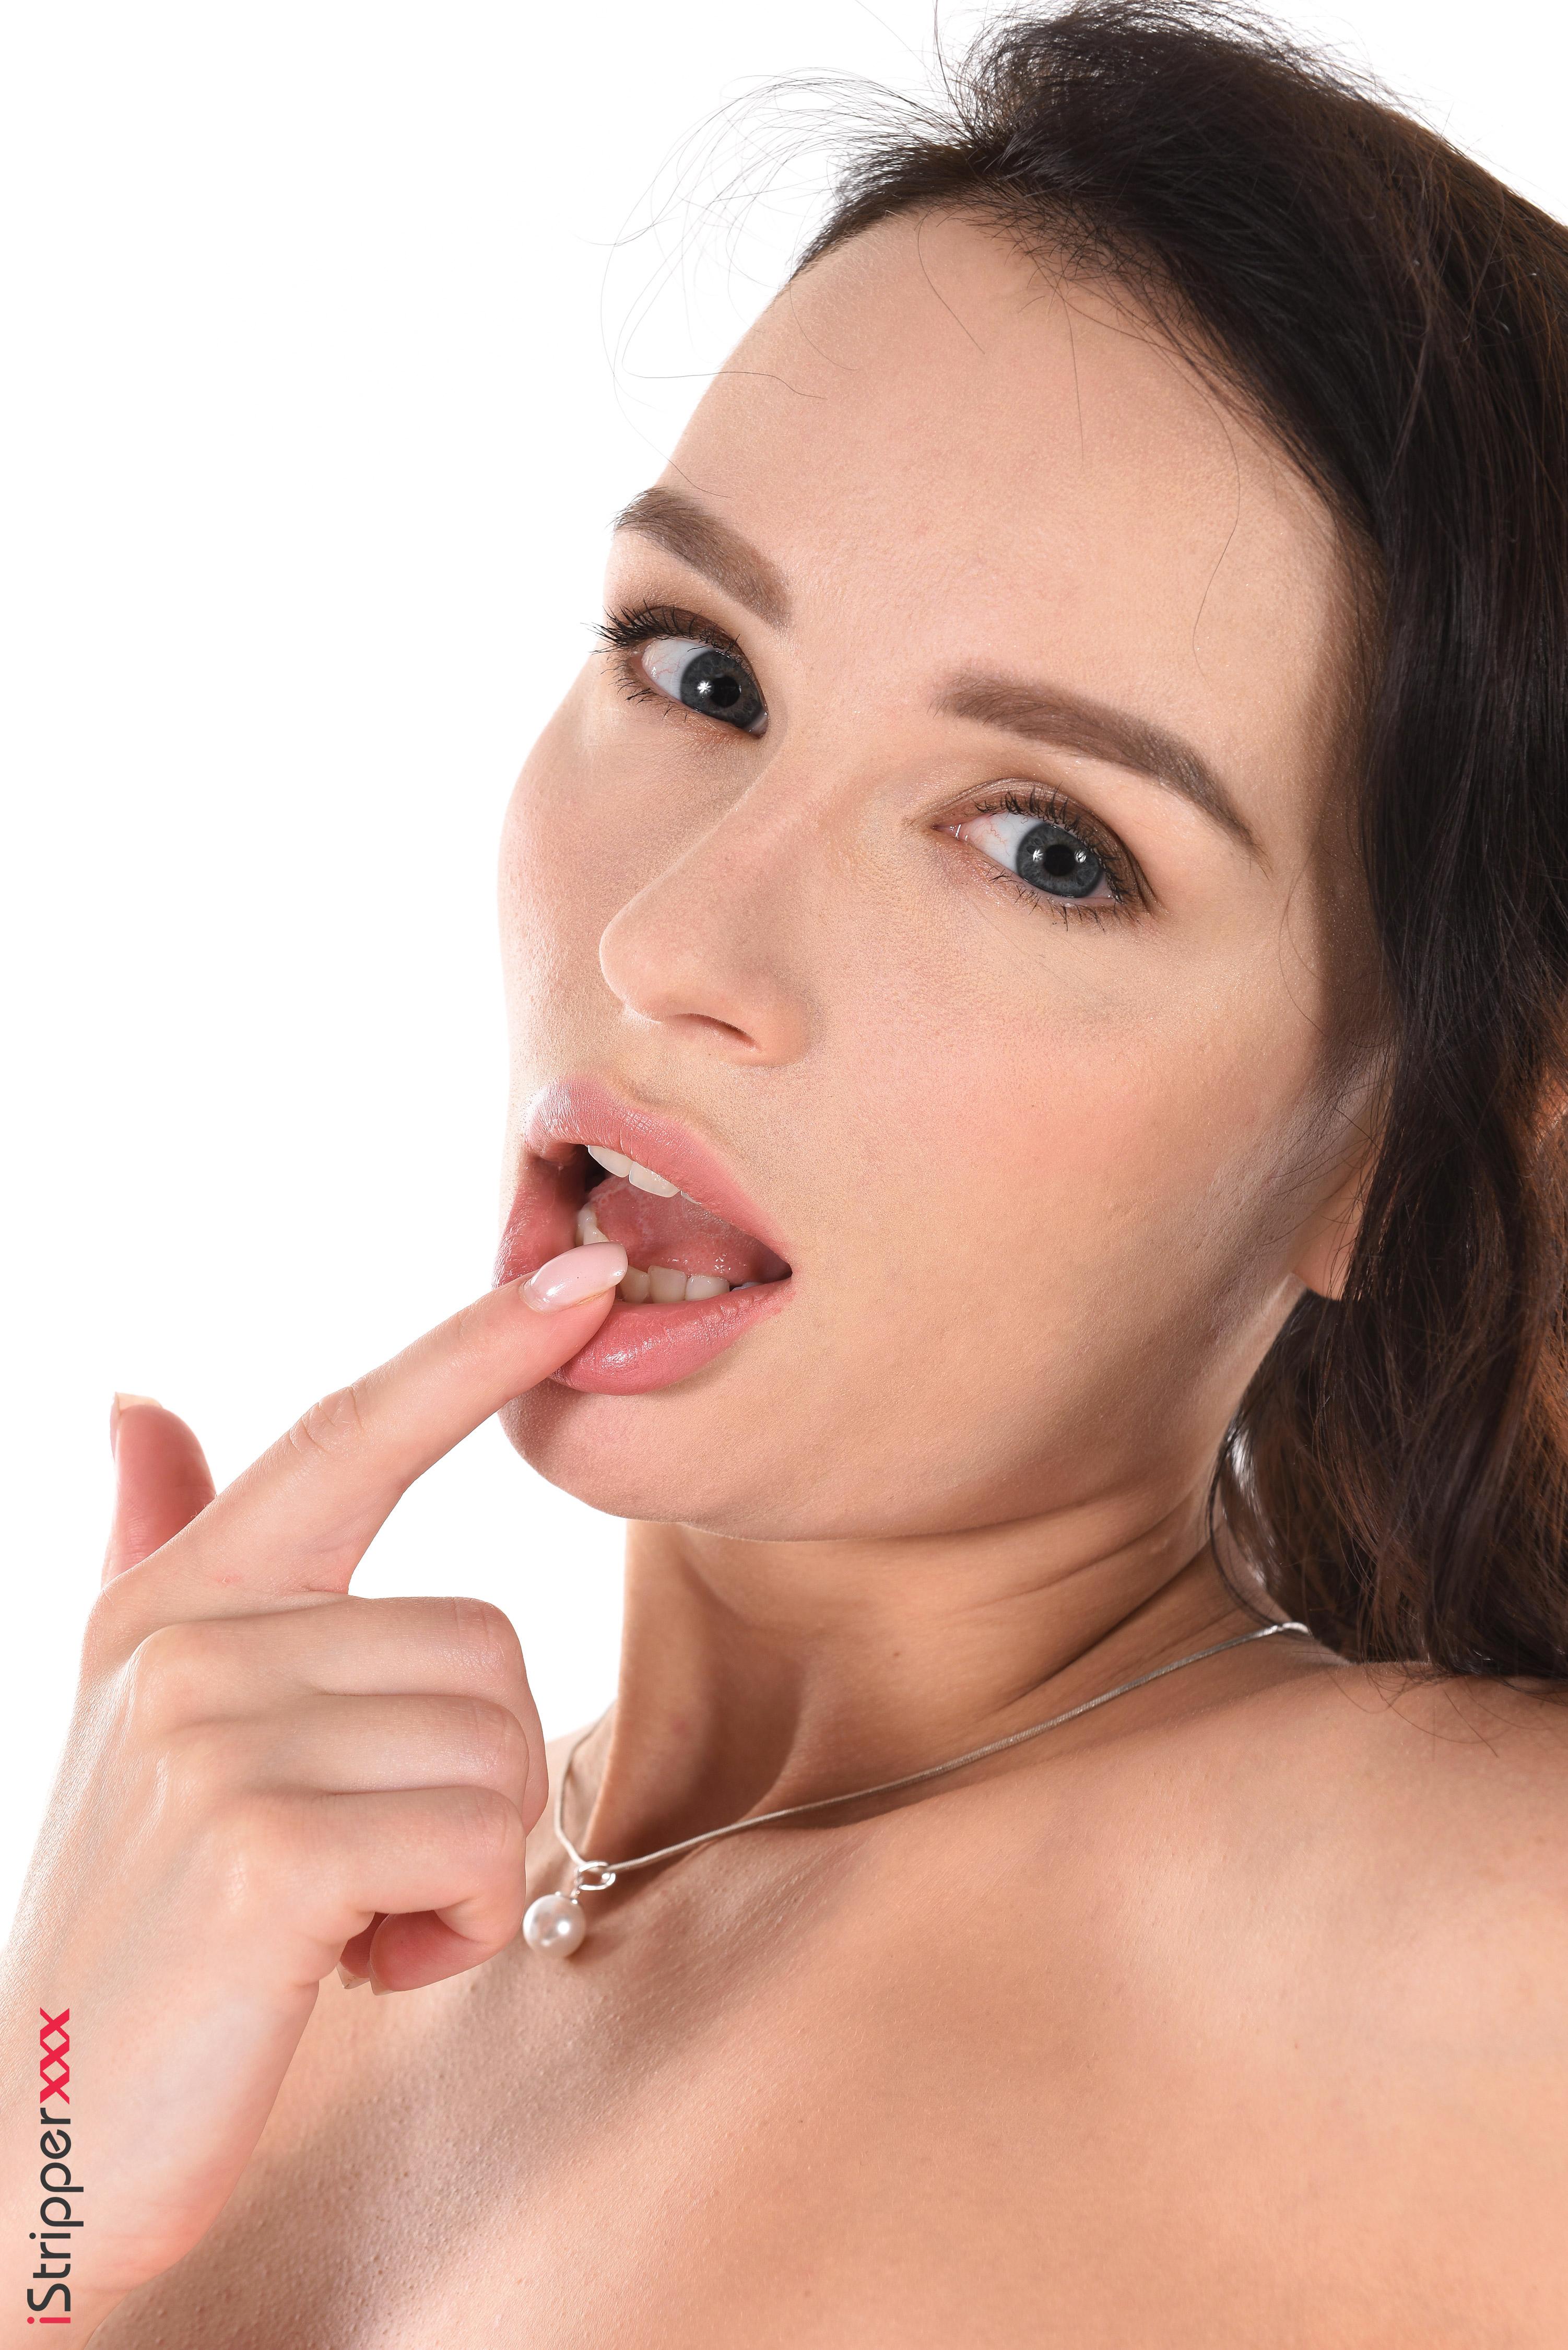 erotic pussy desktop wallpaper